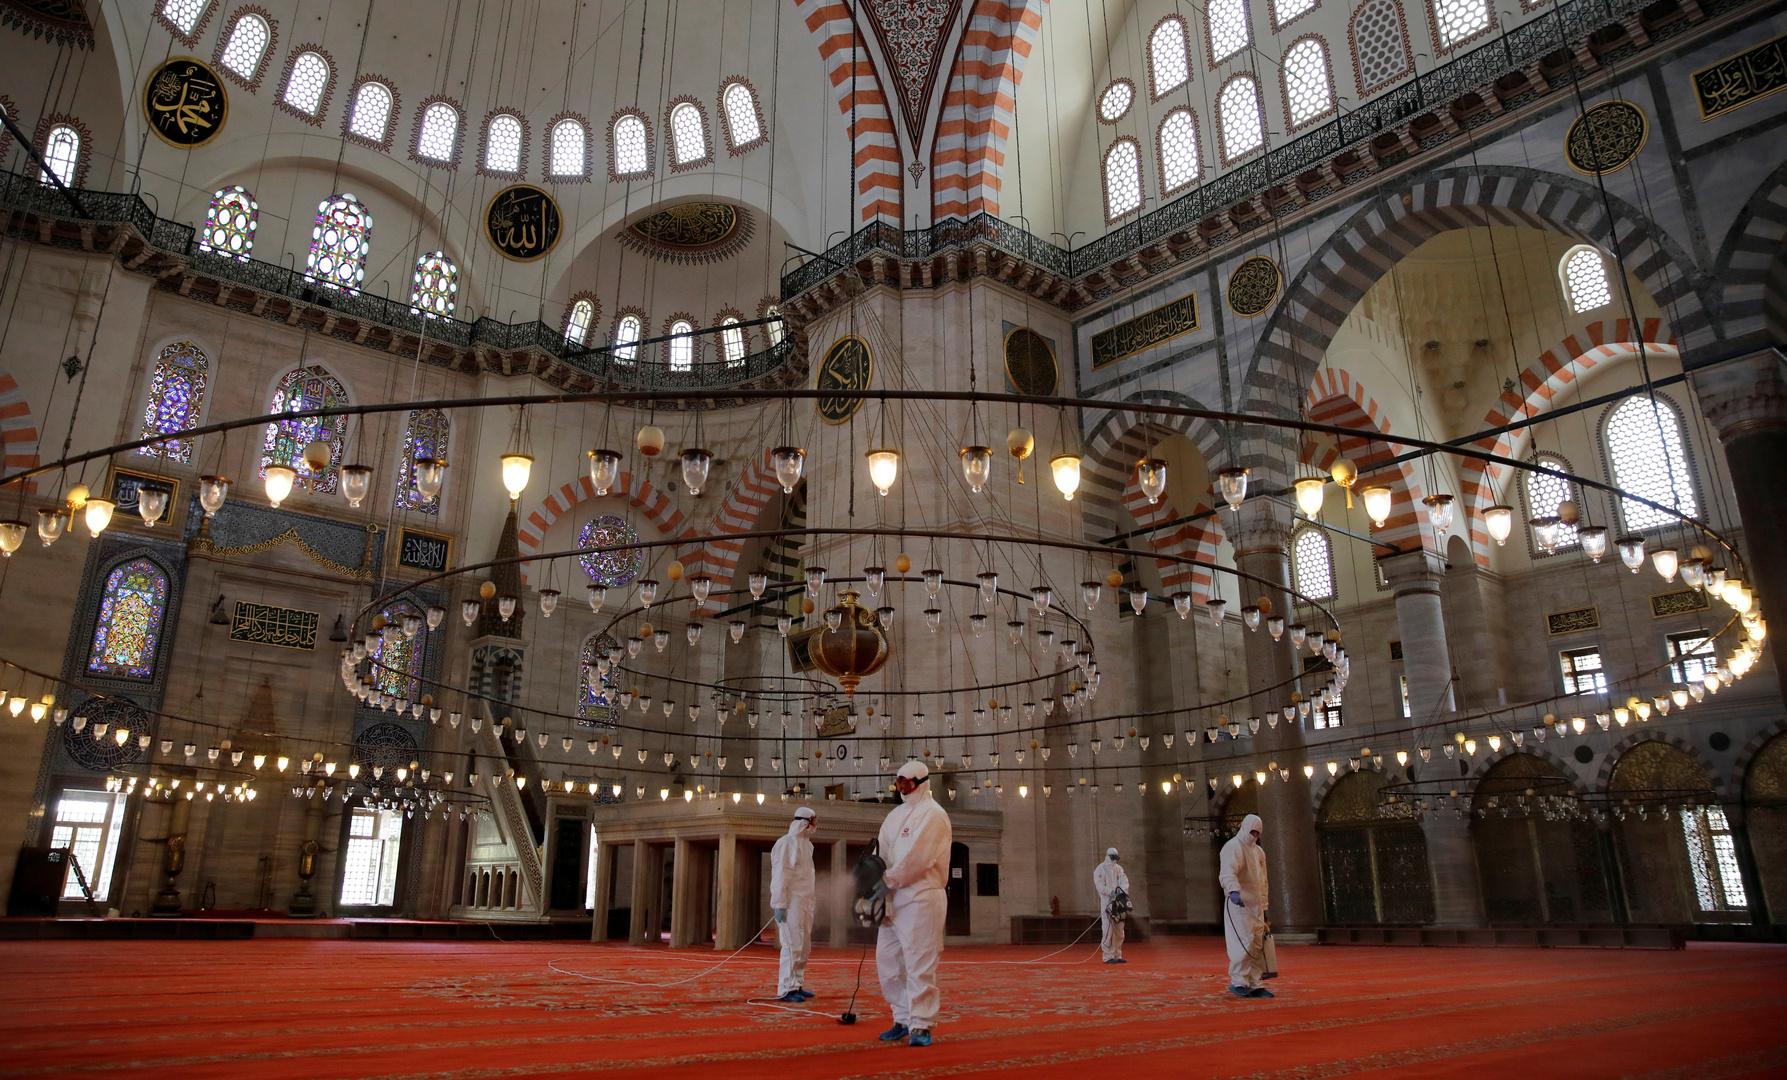 تركيا تفتح المساجد يوم الجمعة وتوزع لحوم مئات الأضاحي على المحتاجين